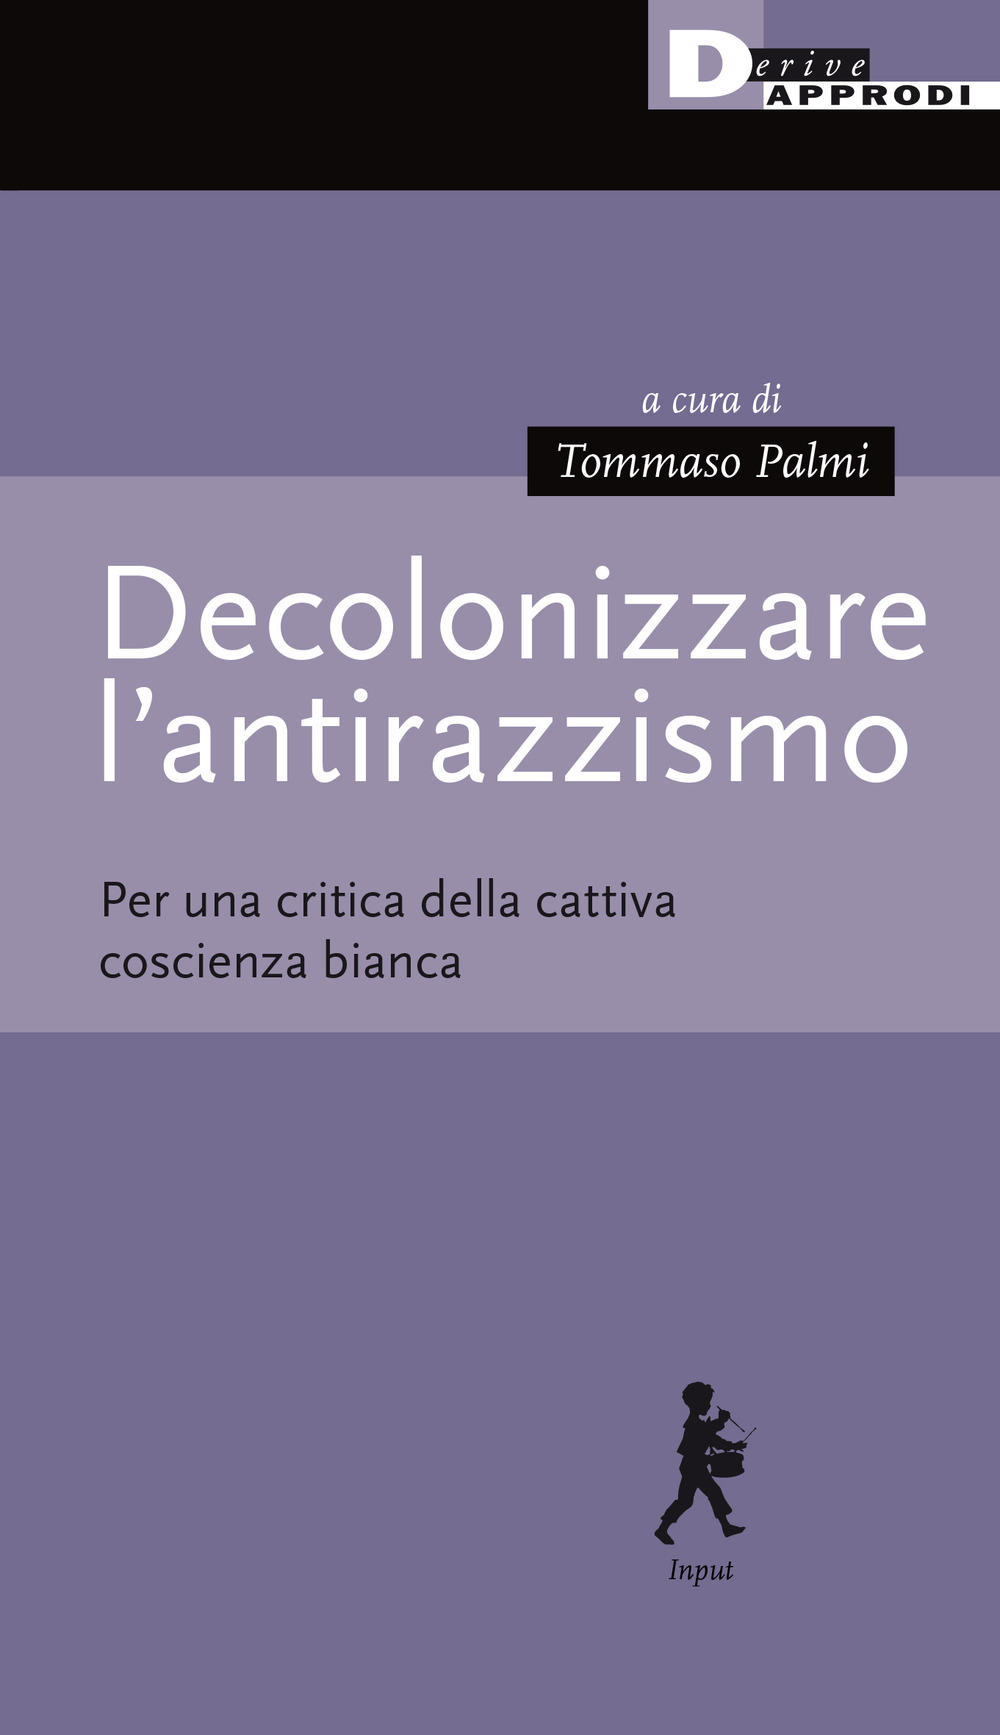 DECOLONIZZARE L'ANTIRAZZISMO - 9788865483398